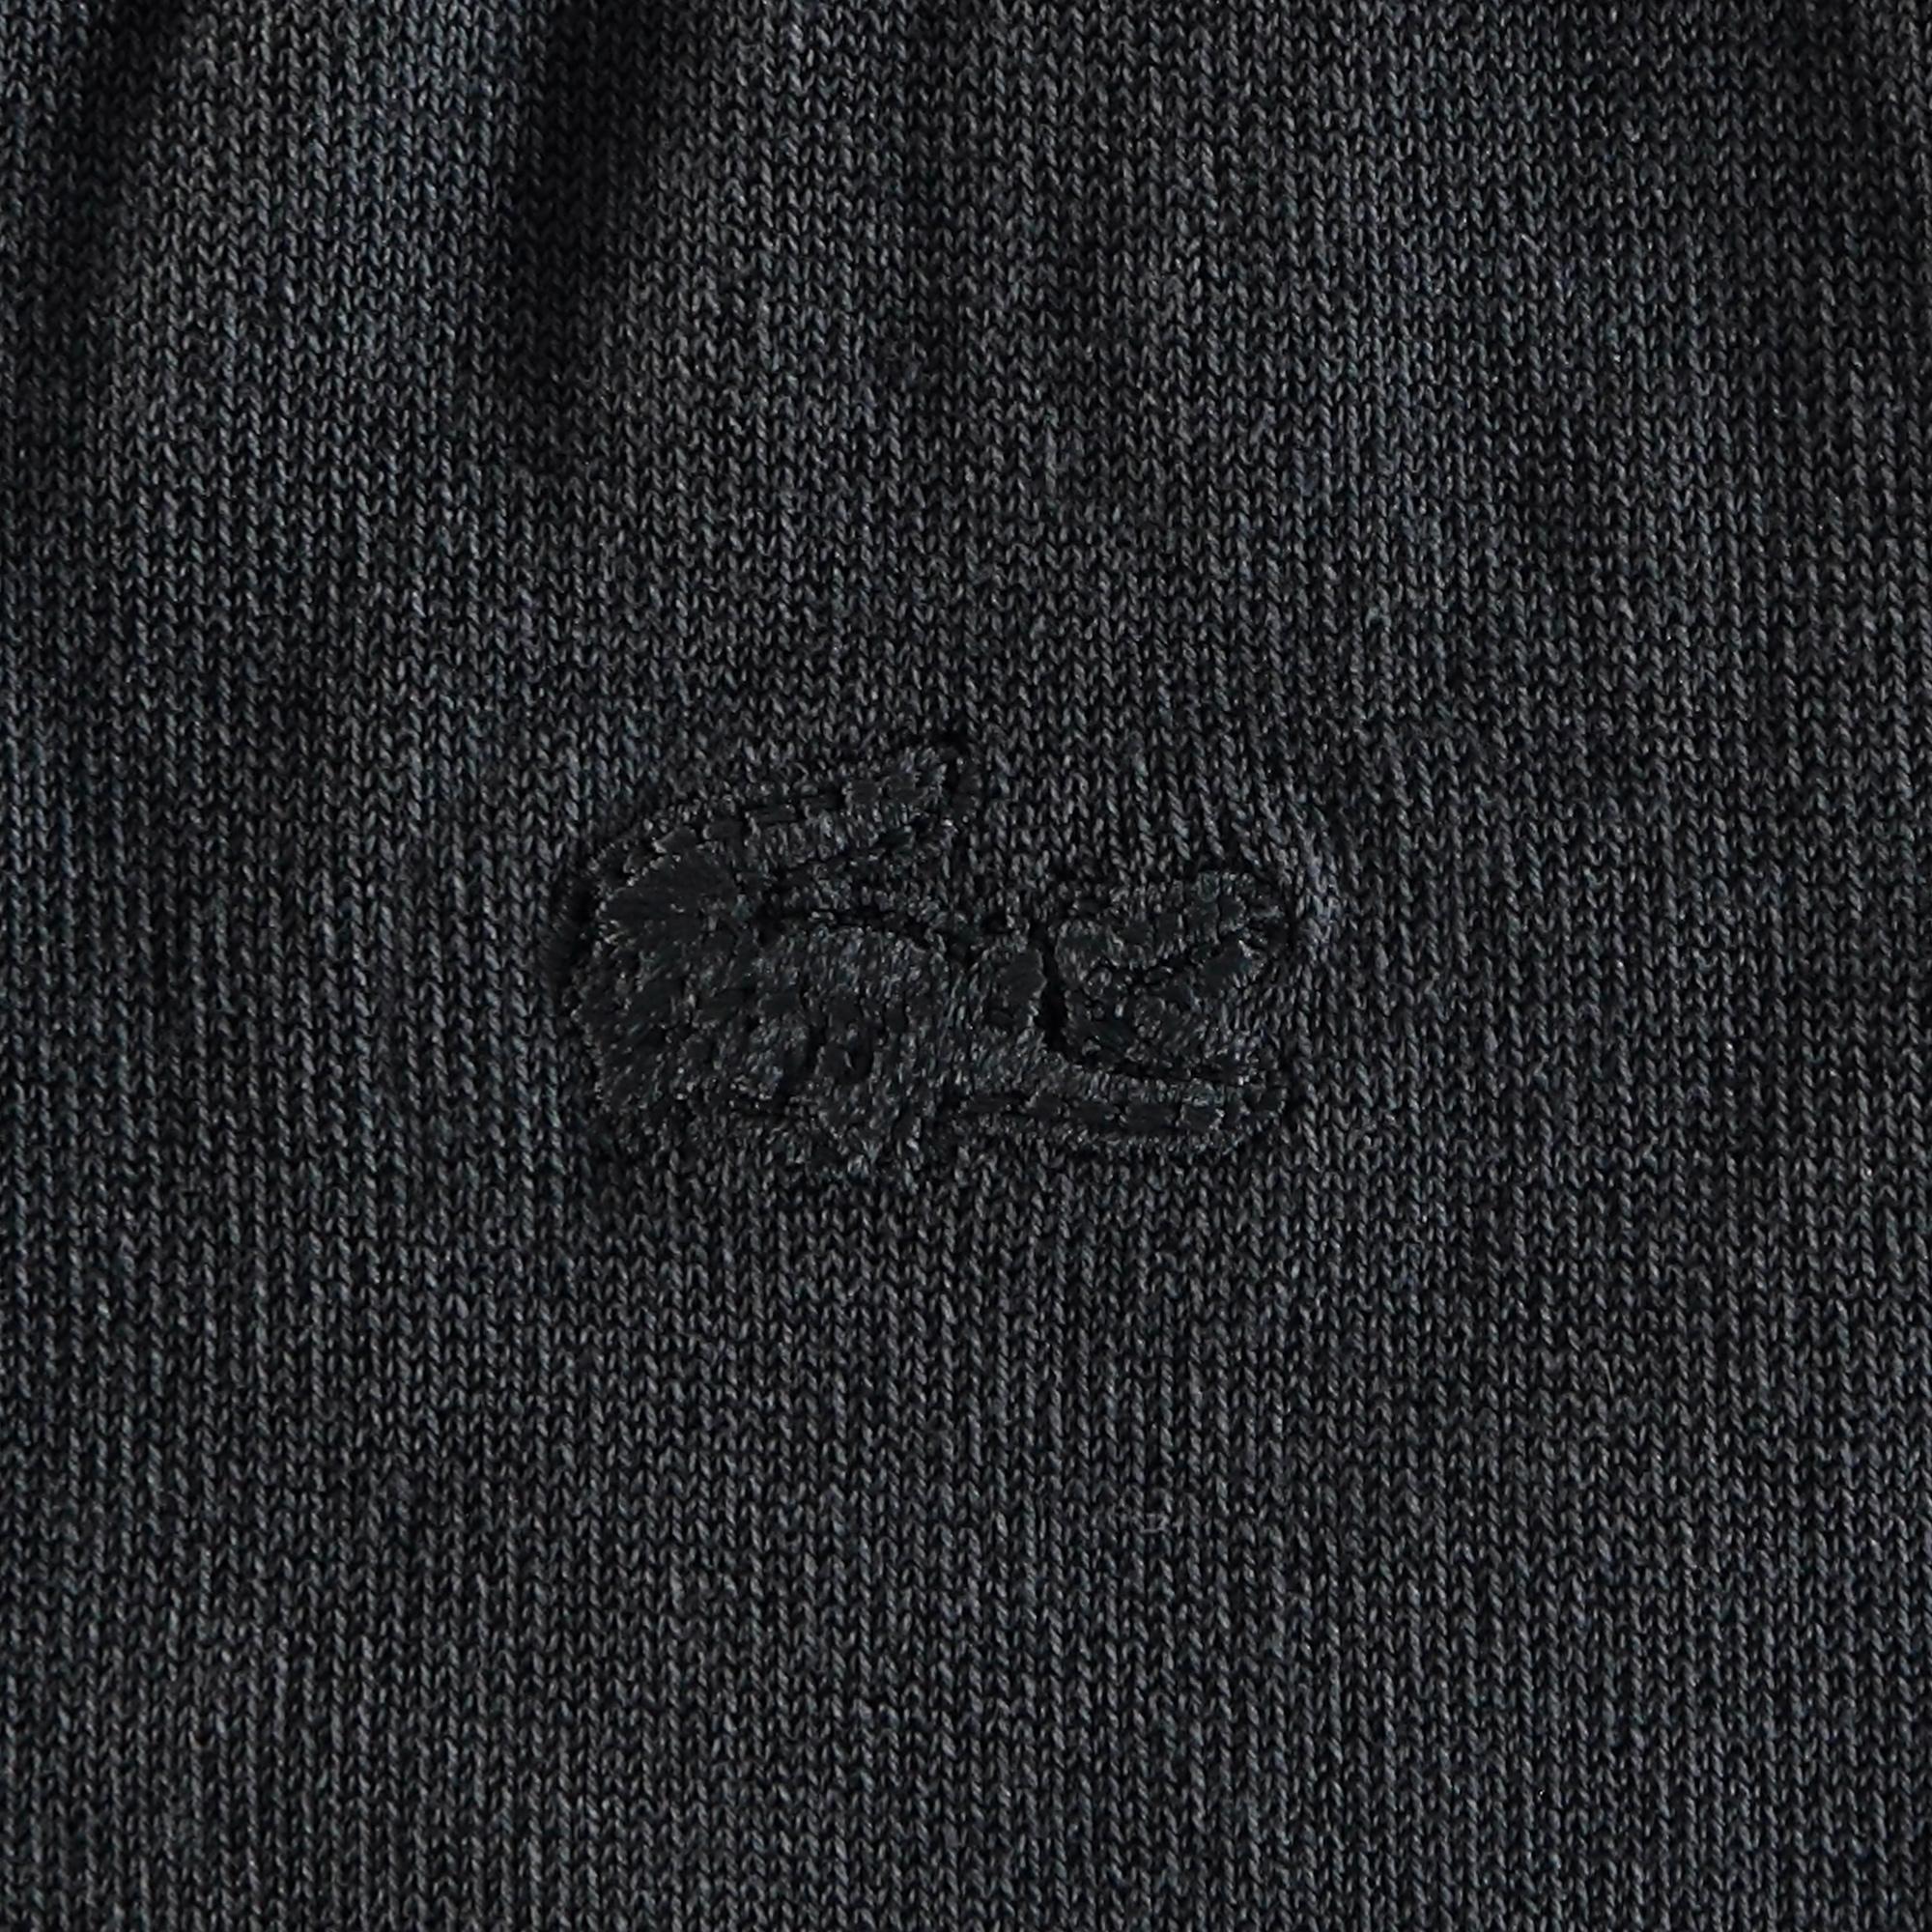 Lacoste Unisex Antrasit Çorap